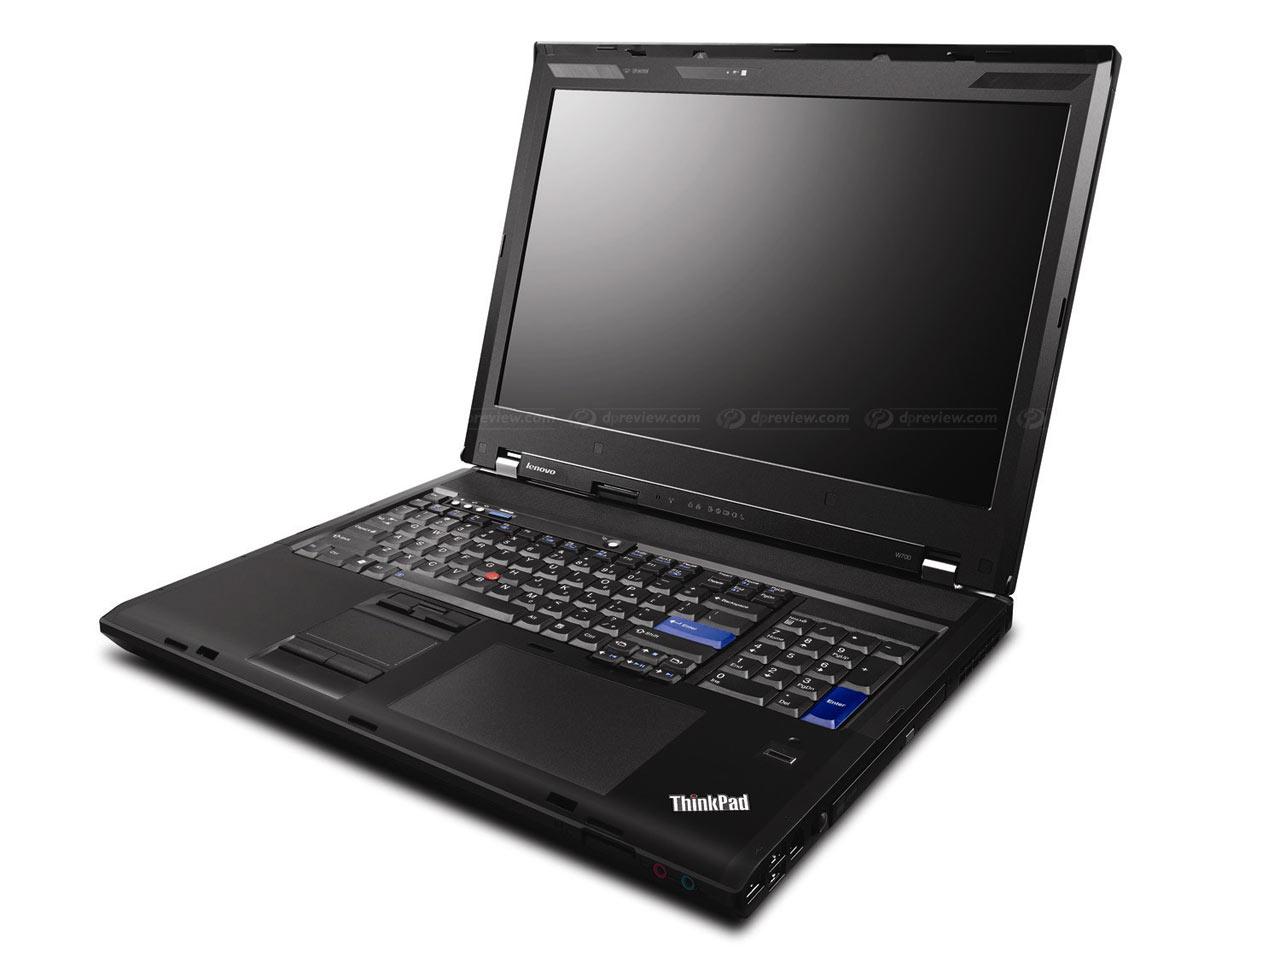 Lenovo ThinkPad W700ds Ricoh Camera Driver (2019)